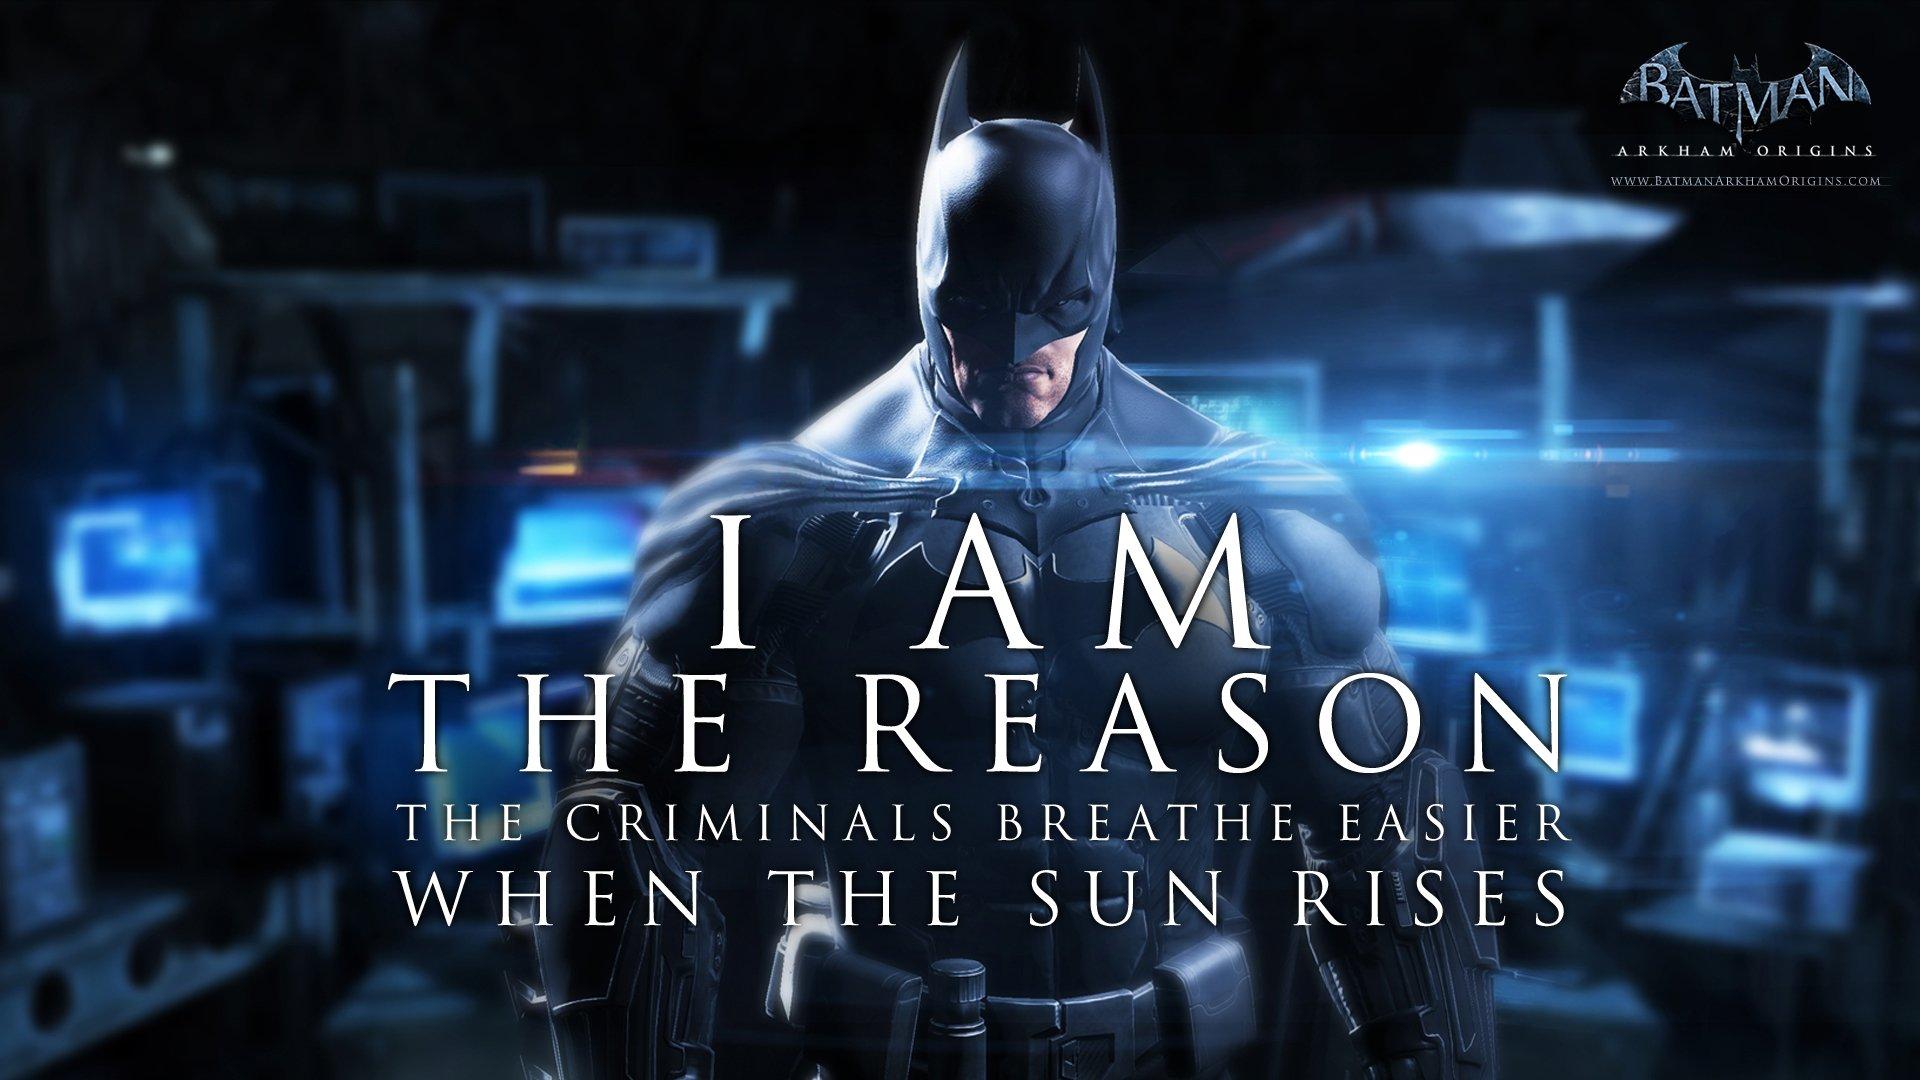 Computer Wallpaper Quote City Batman Arkham Origins Full Hd Wallpaper And Background